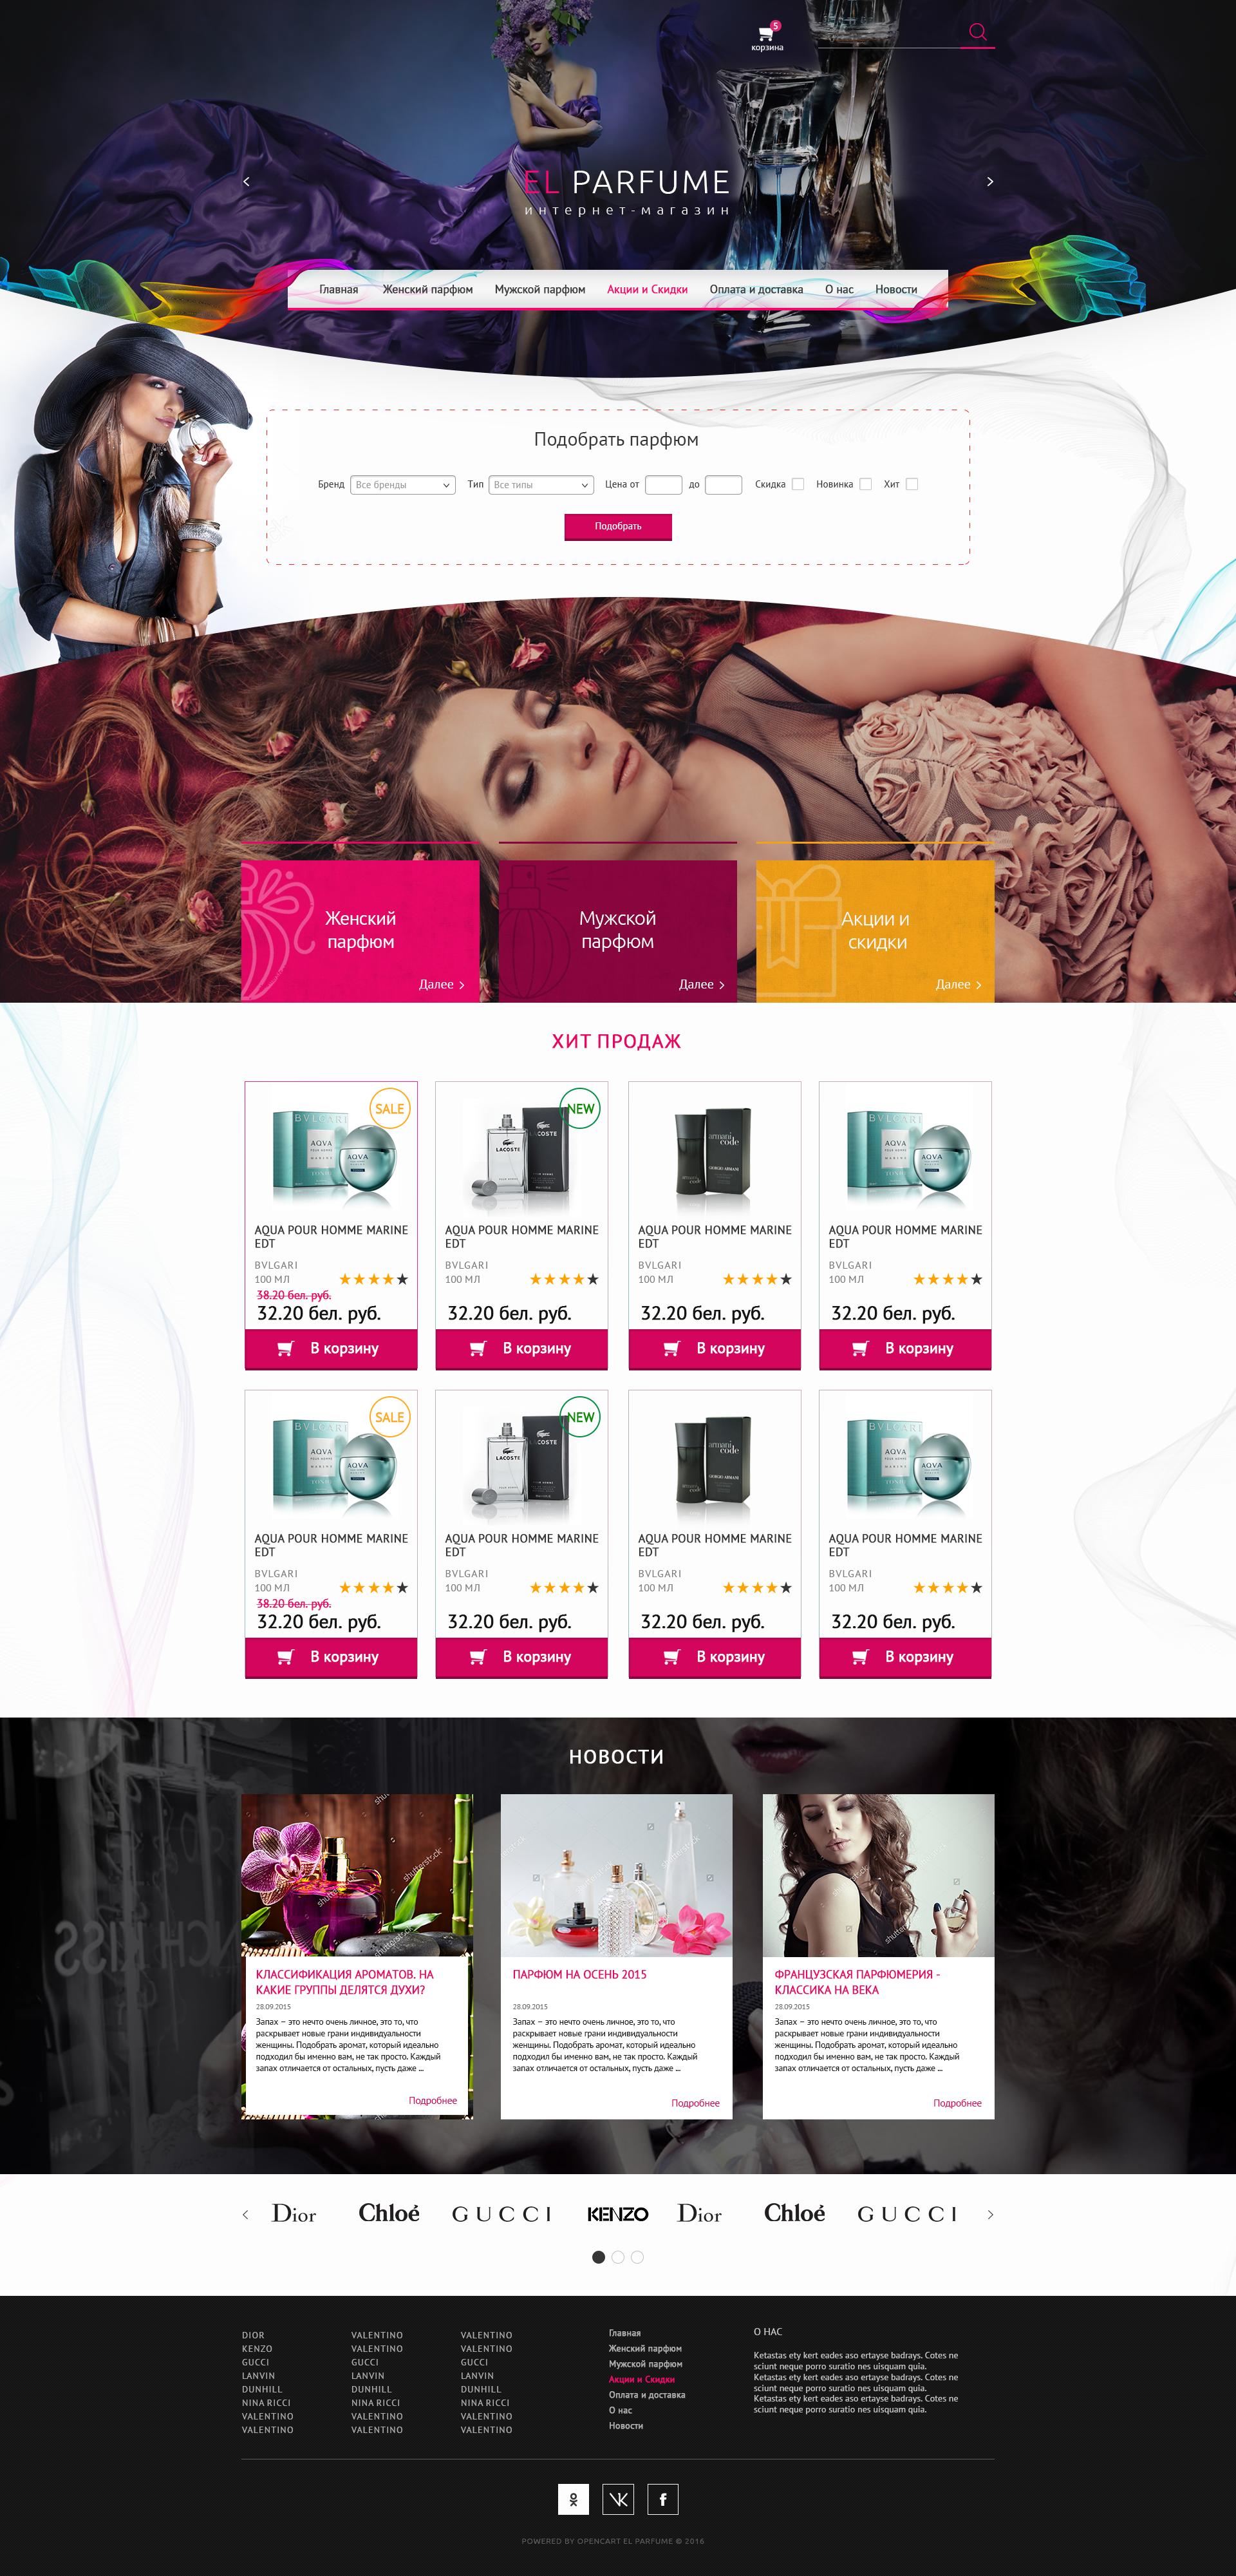 EL-PARFUME - парфюмерный интернет-магазин